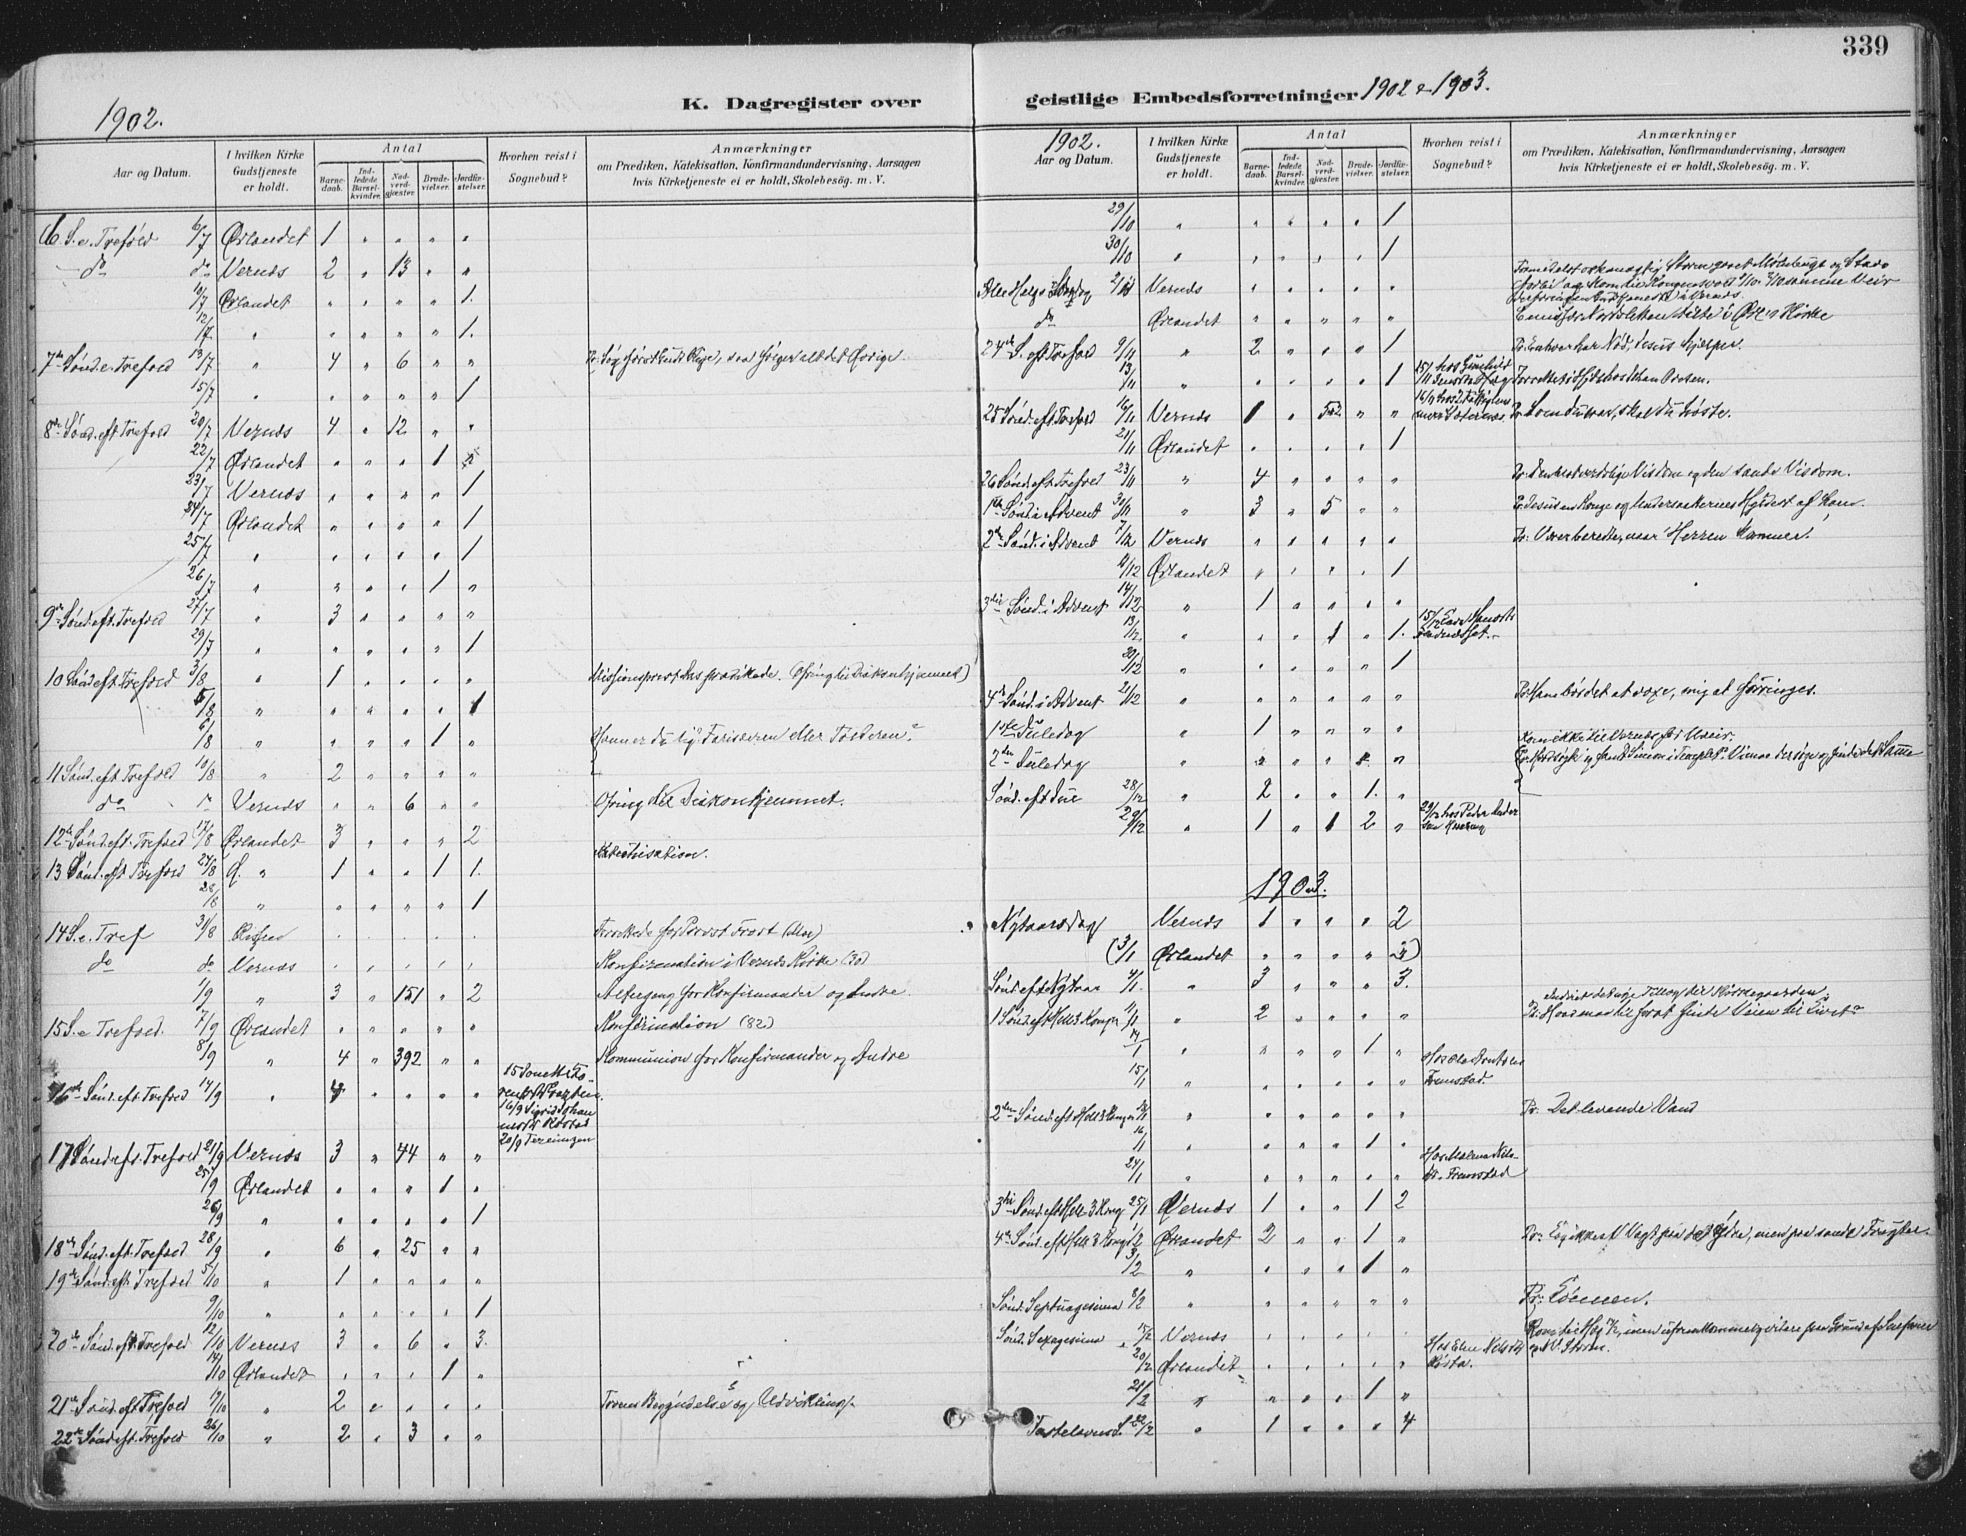 SAT, Ministerialprotokoller, klokkerbøker og fødselsregistre - Sør-Trøndelag, 659/L0743: Ministerialbok nr. 659A13, 1893-1910, s. 339